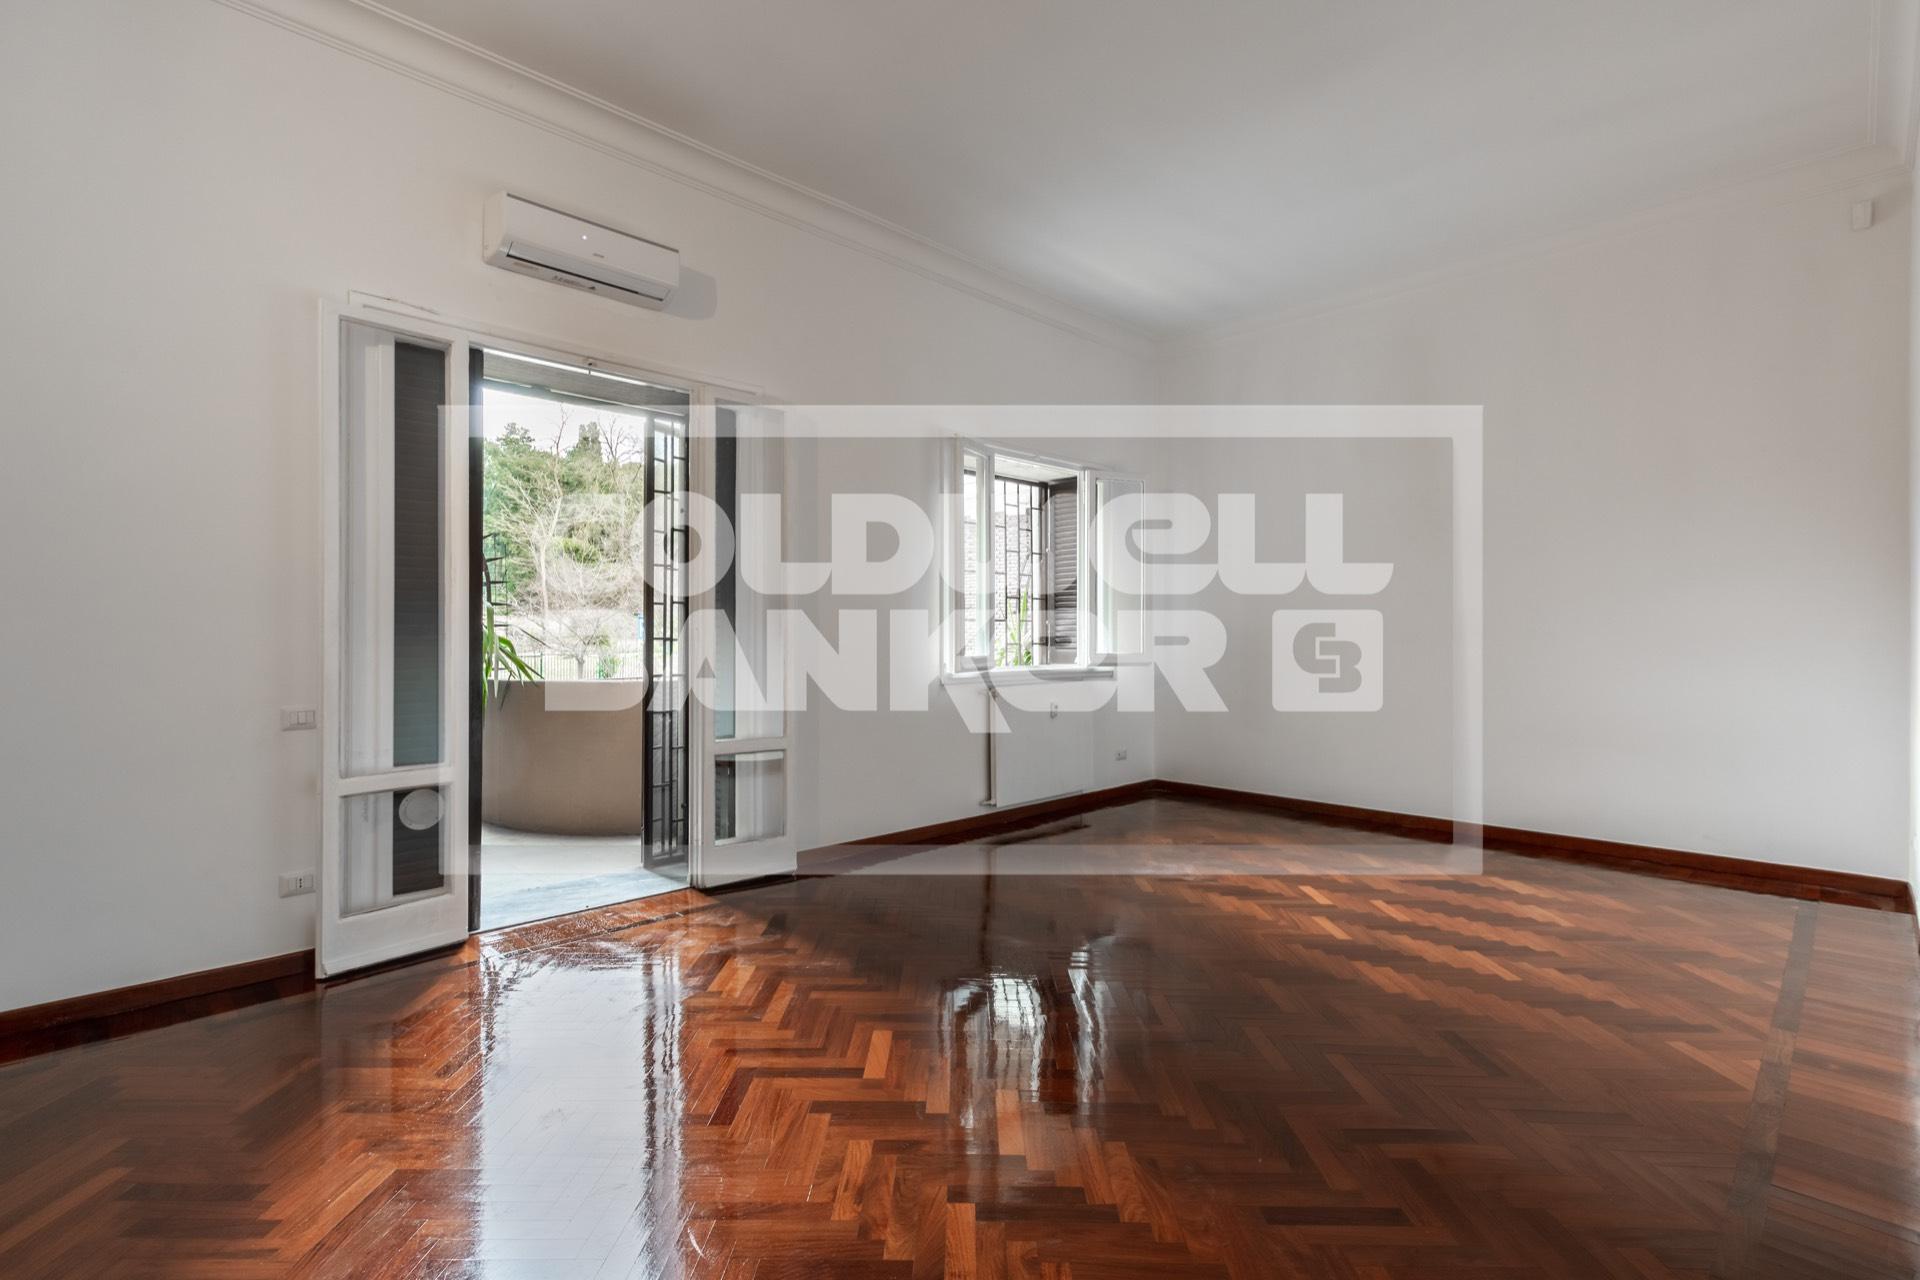 Cbi038 144 pa0002fbg appartamento in affitto a roma for Parioli affitto roma